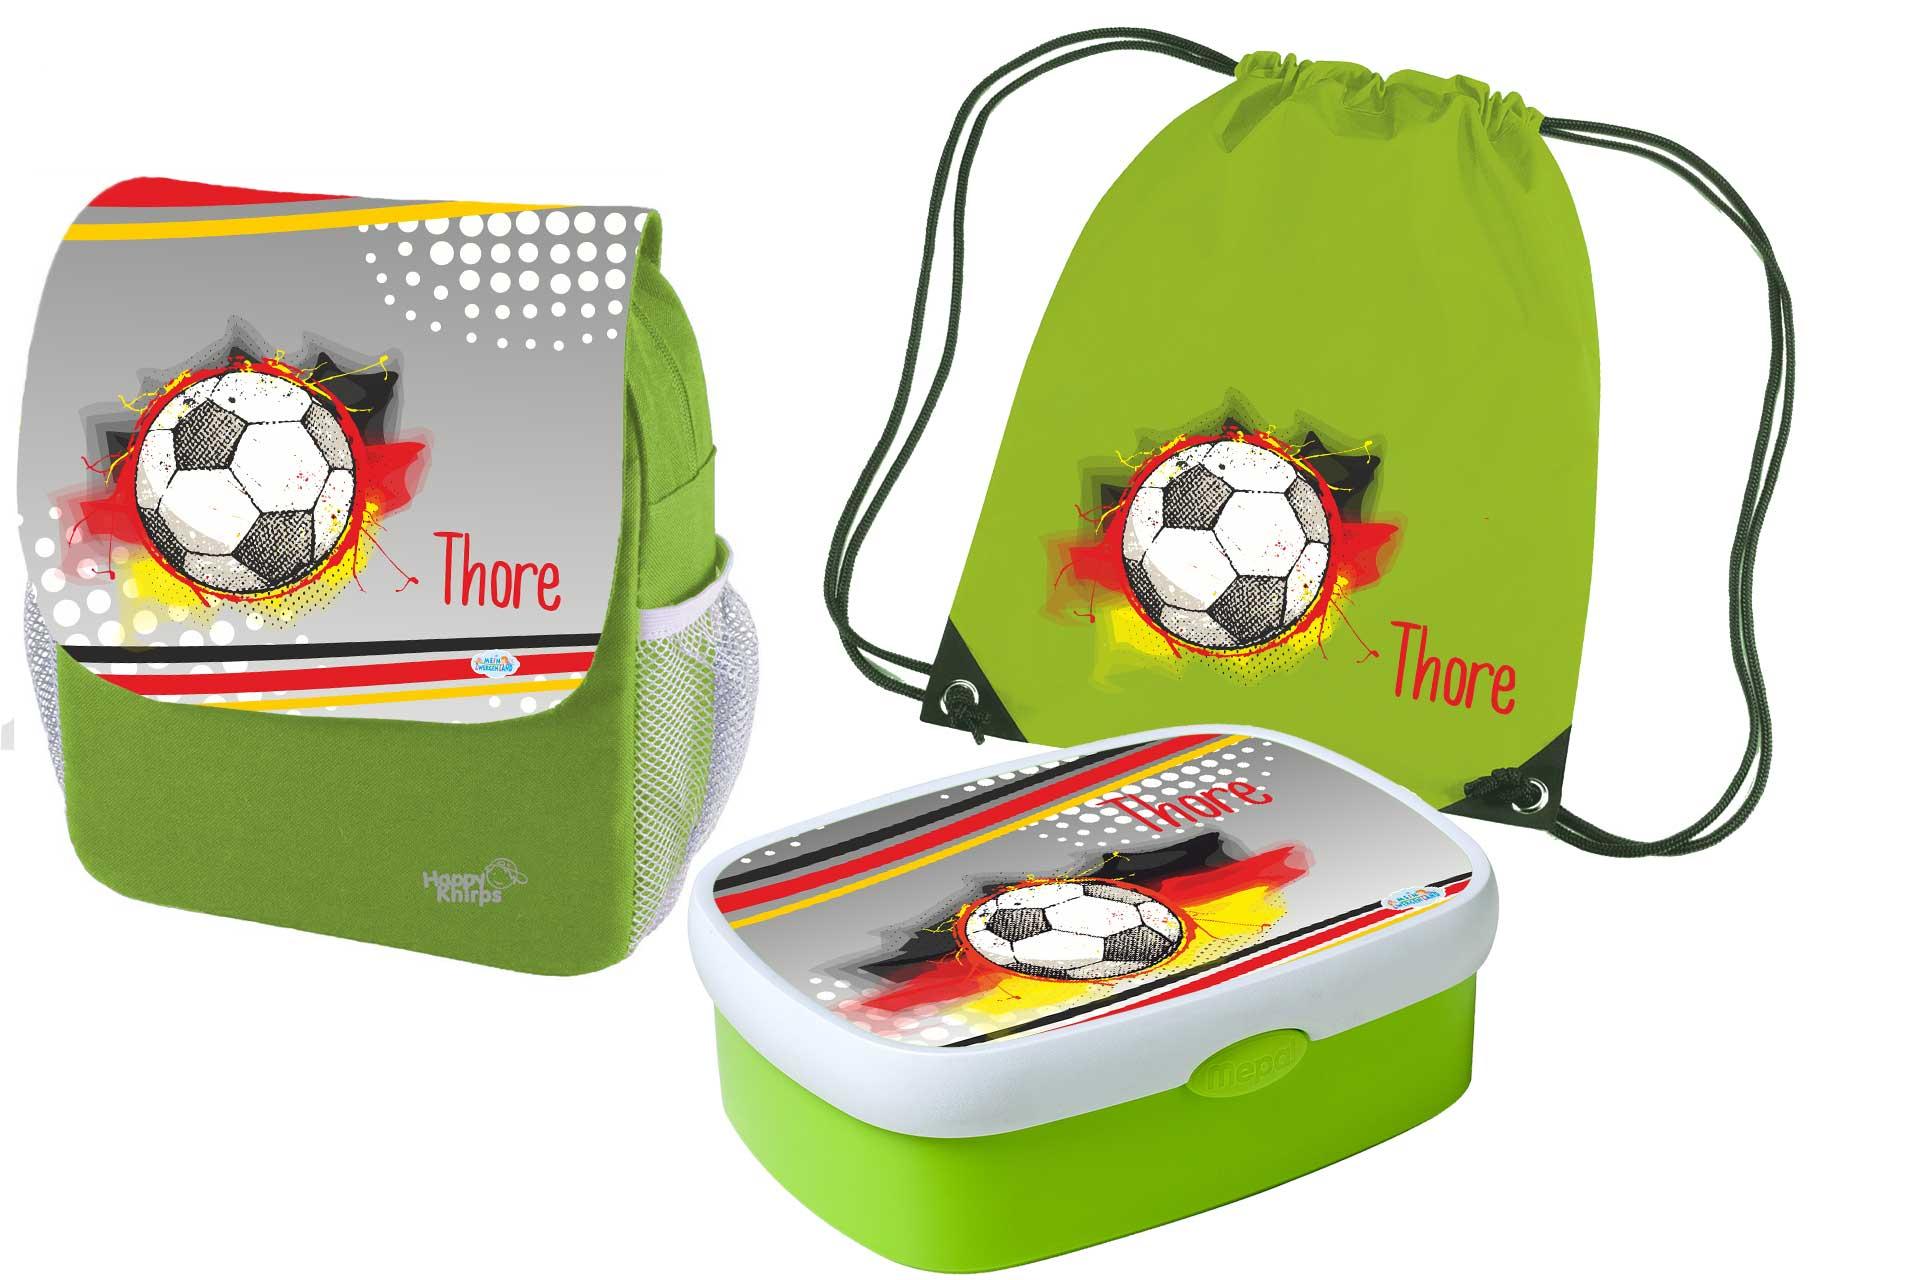 3-teilig Mein Zwergenland Set 3 Kindergartenrucksack mit Brotdose und Trinkflasche Happy Knirps Next mit Name Bagger Gr/ün